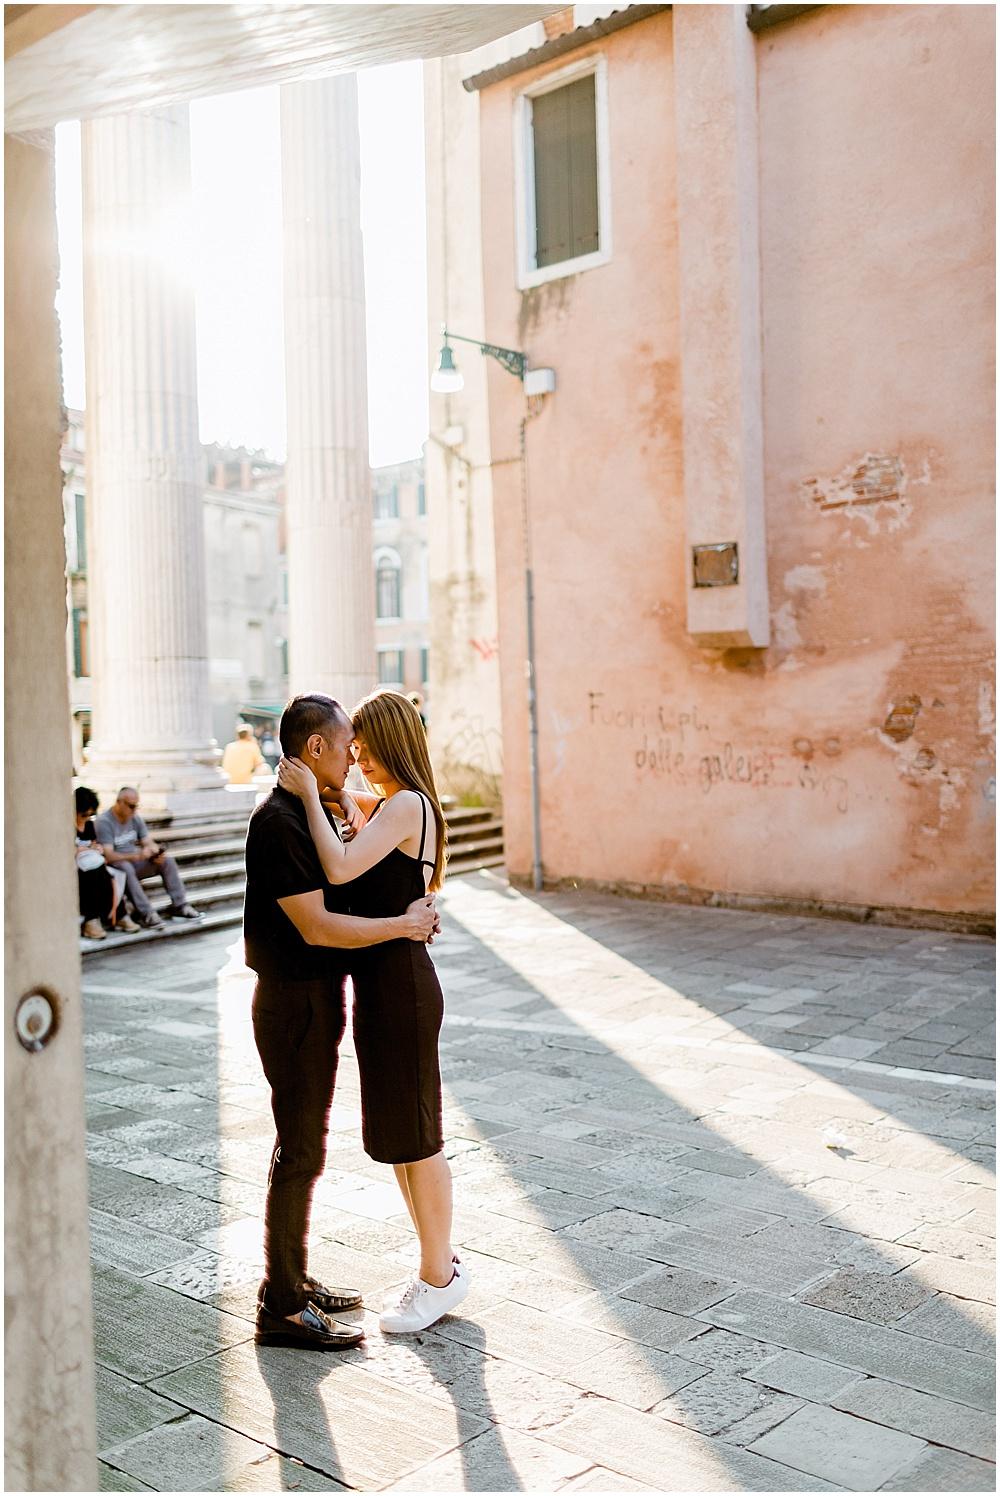 Venice-italy-wedding-photographer-stefano-degirmenci_0089.jpg